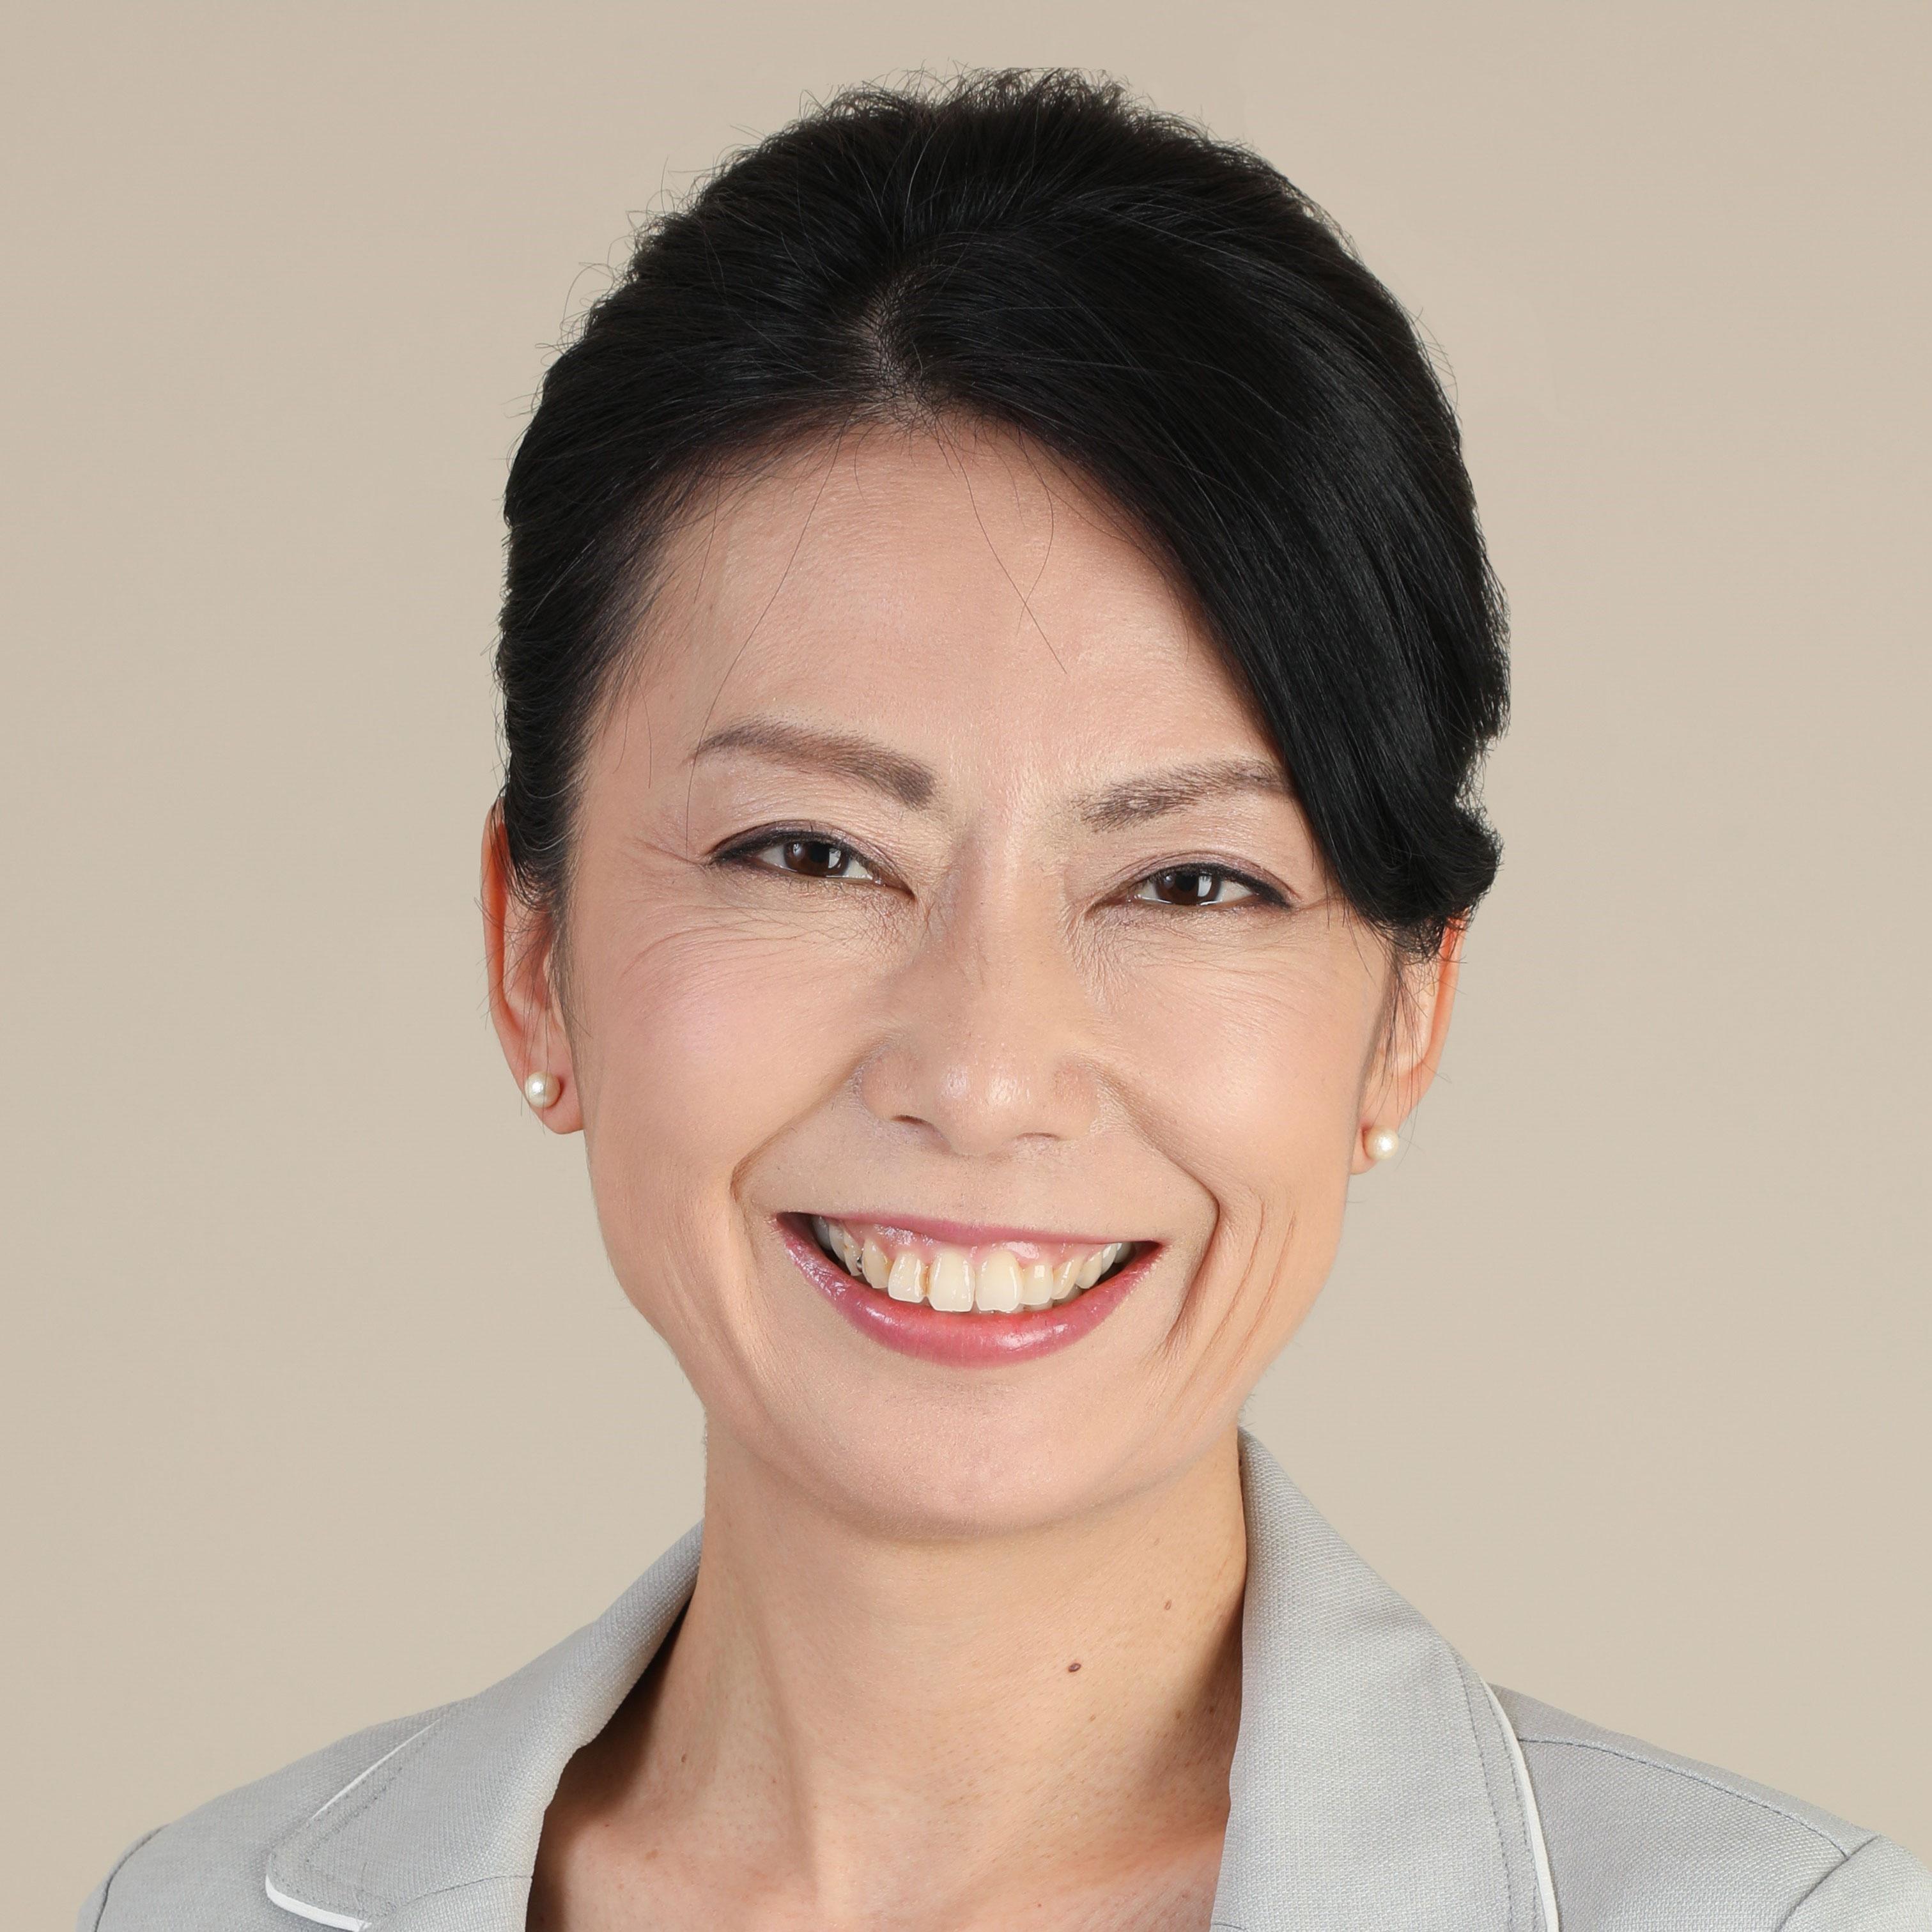 本田 由紀 (ほんだ ゆき)